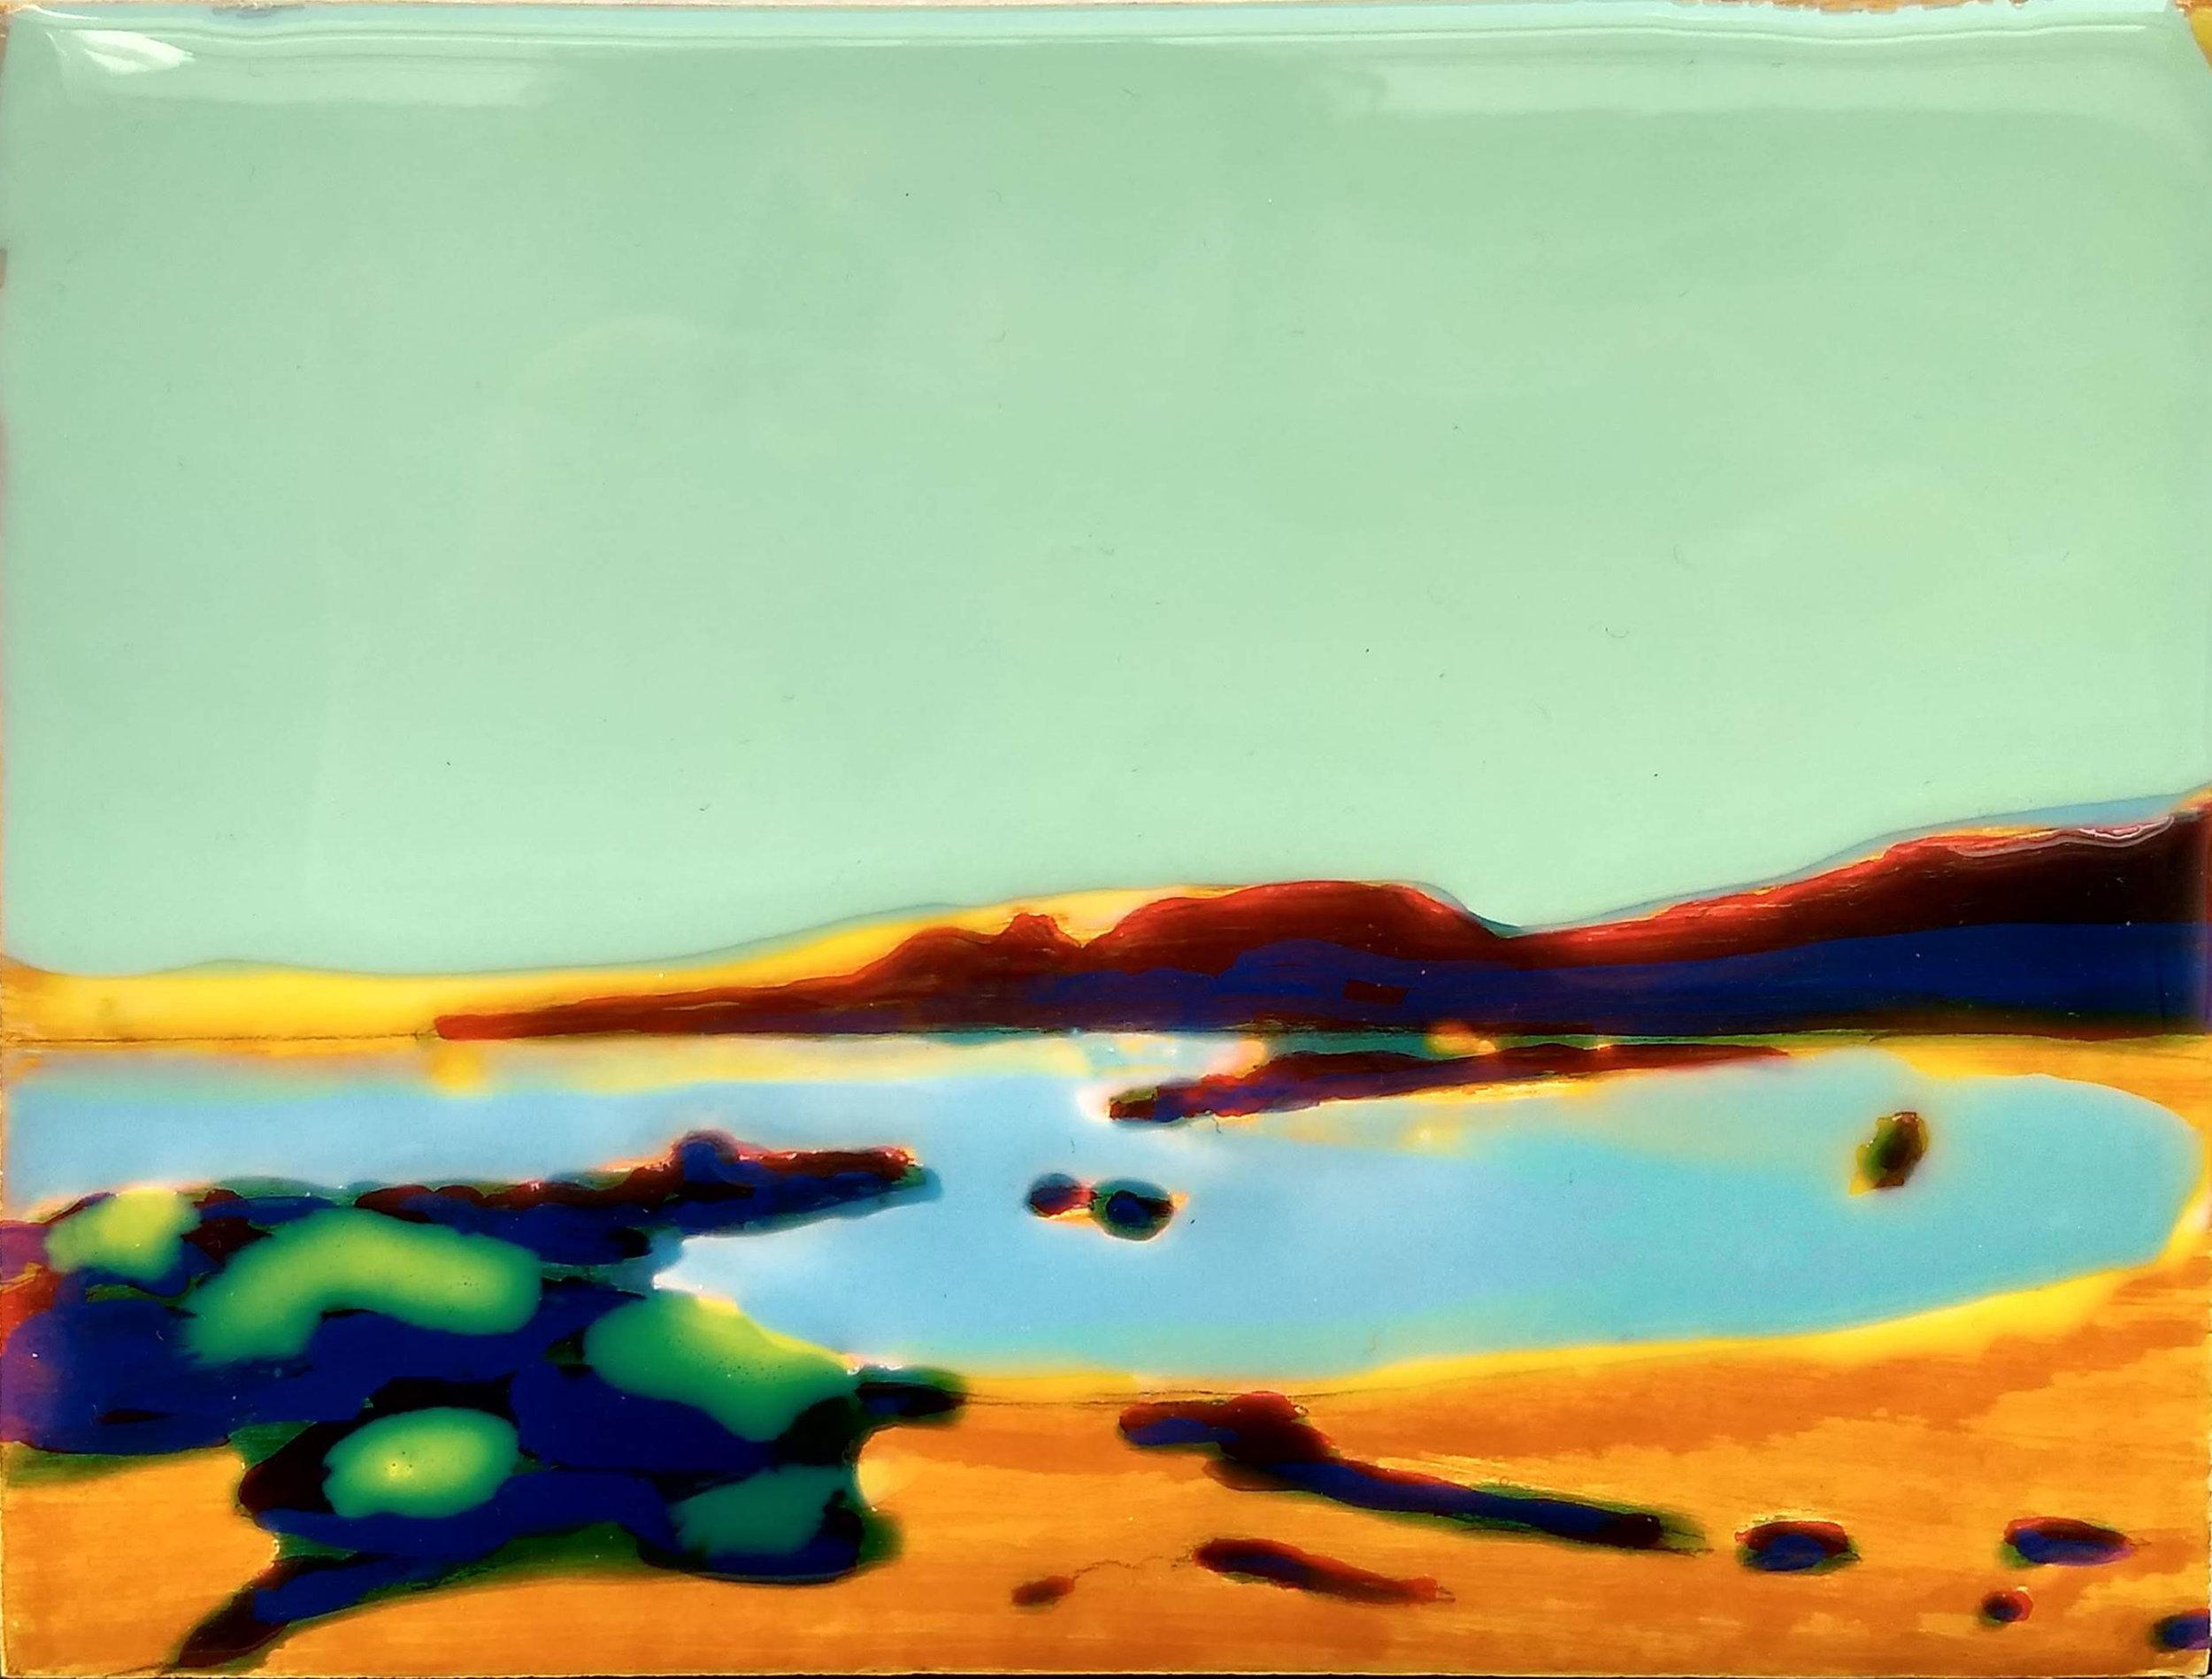 WORK ON WOOD  13 x 17 cm Acrylic and epoxy  Sold